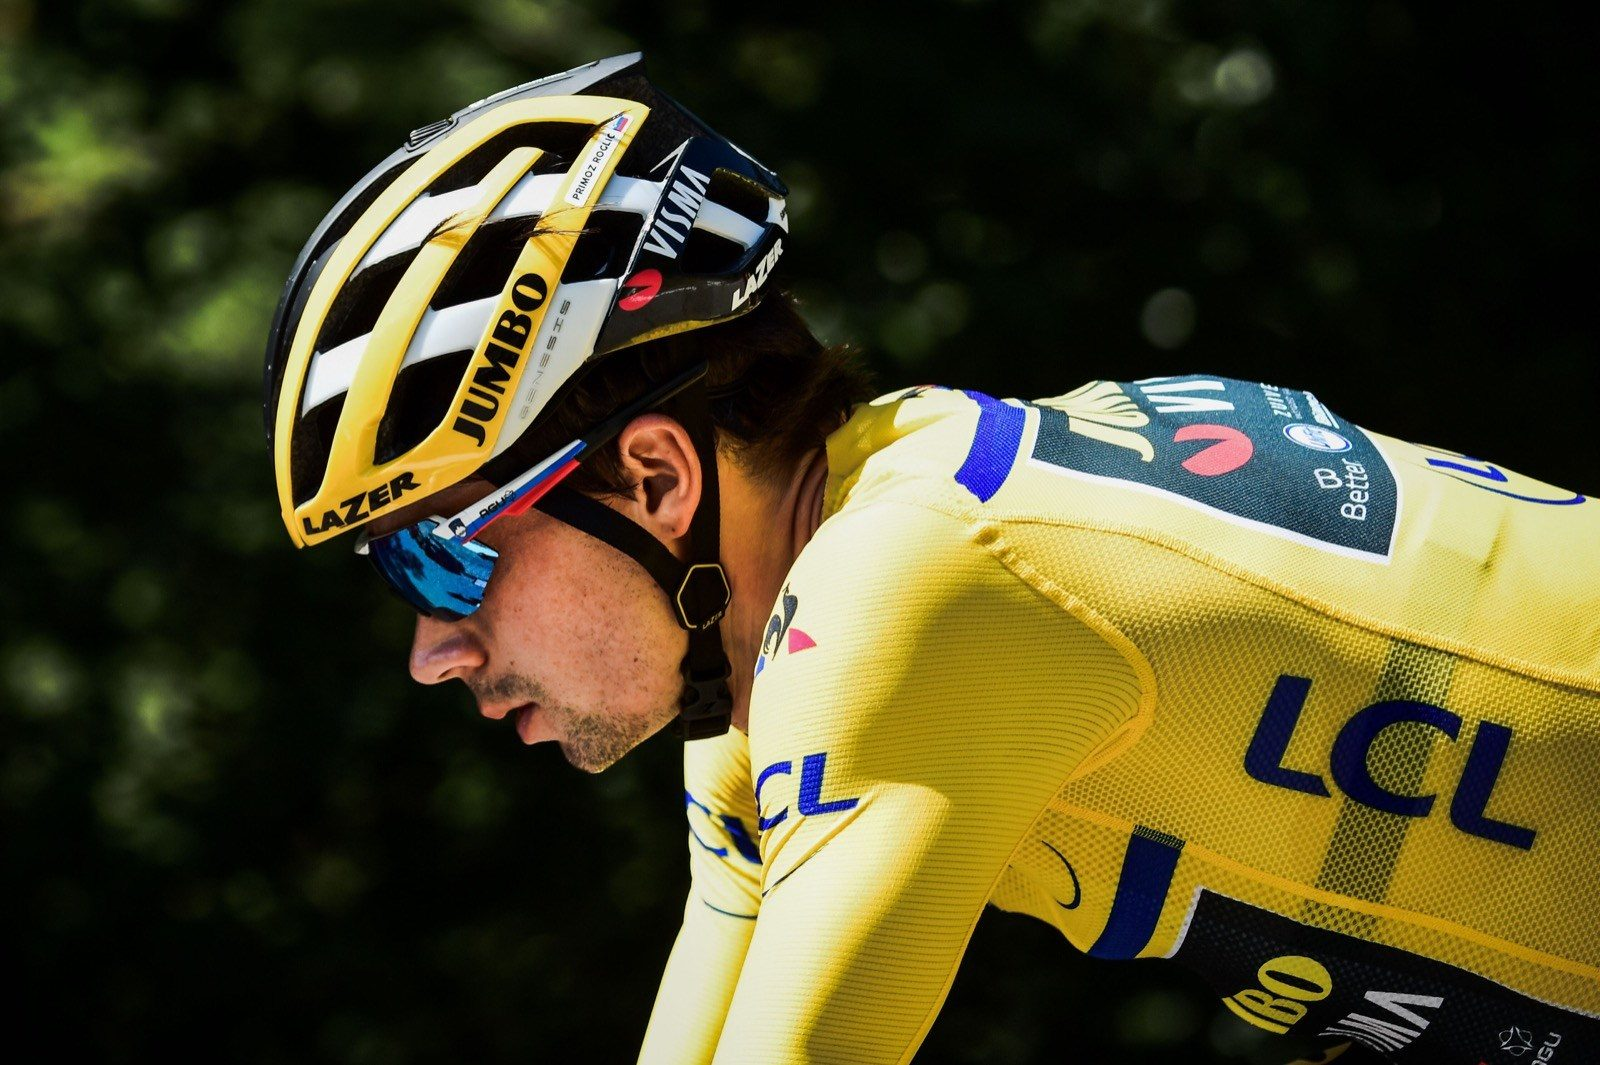 Давиде Формоло выиграл третий этап велогонки «Критериум Дофине»